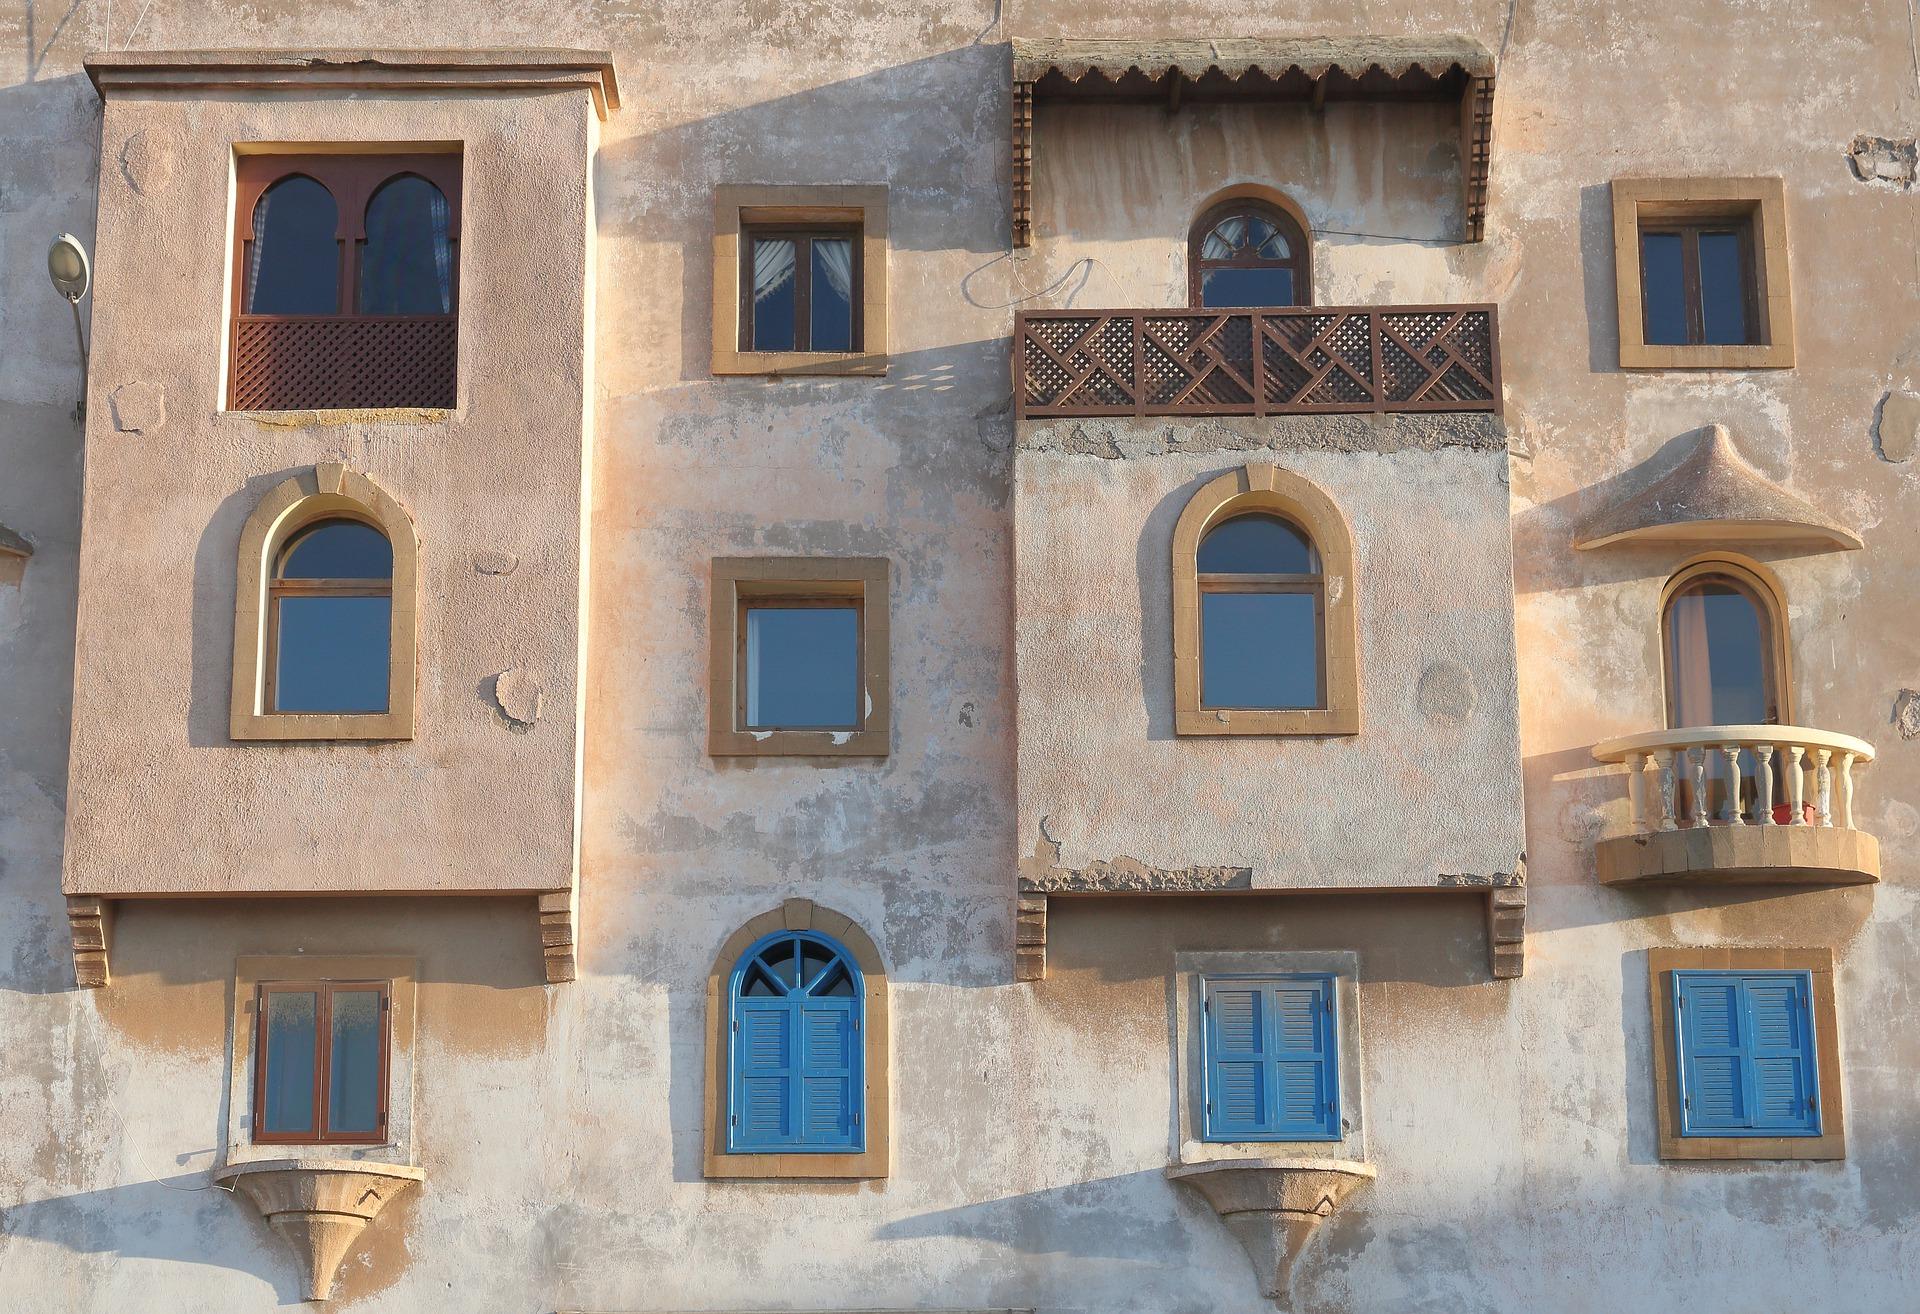 essaouira-morocco-4805115_1920